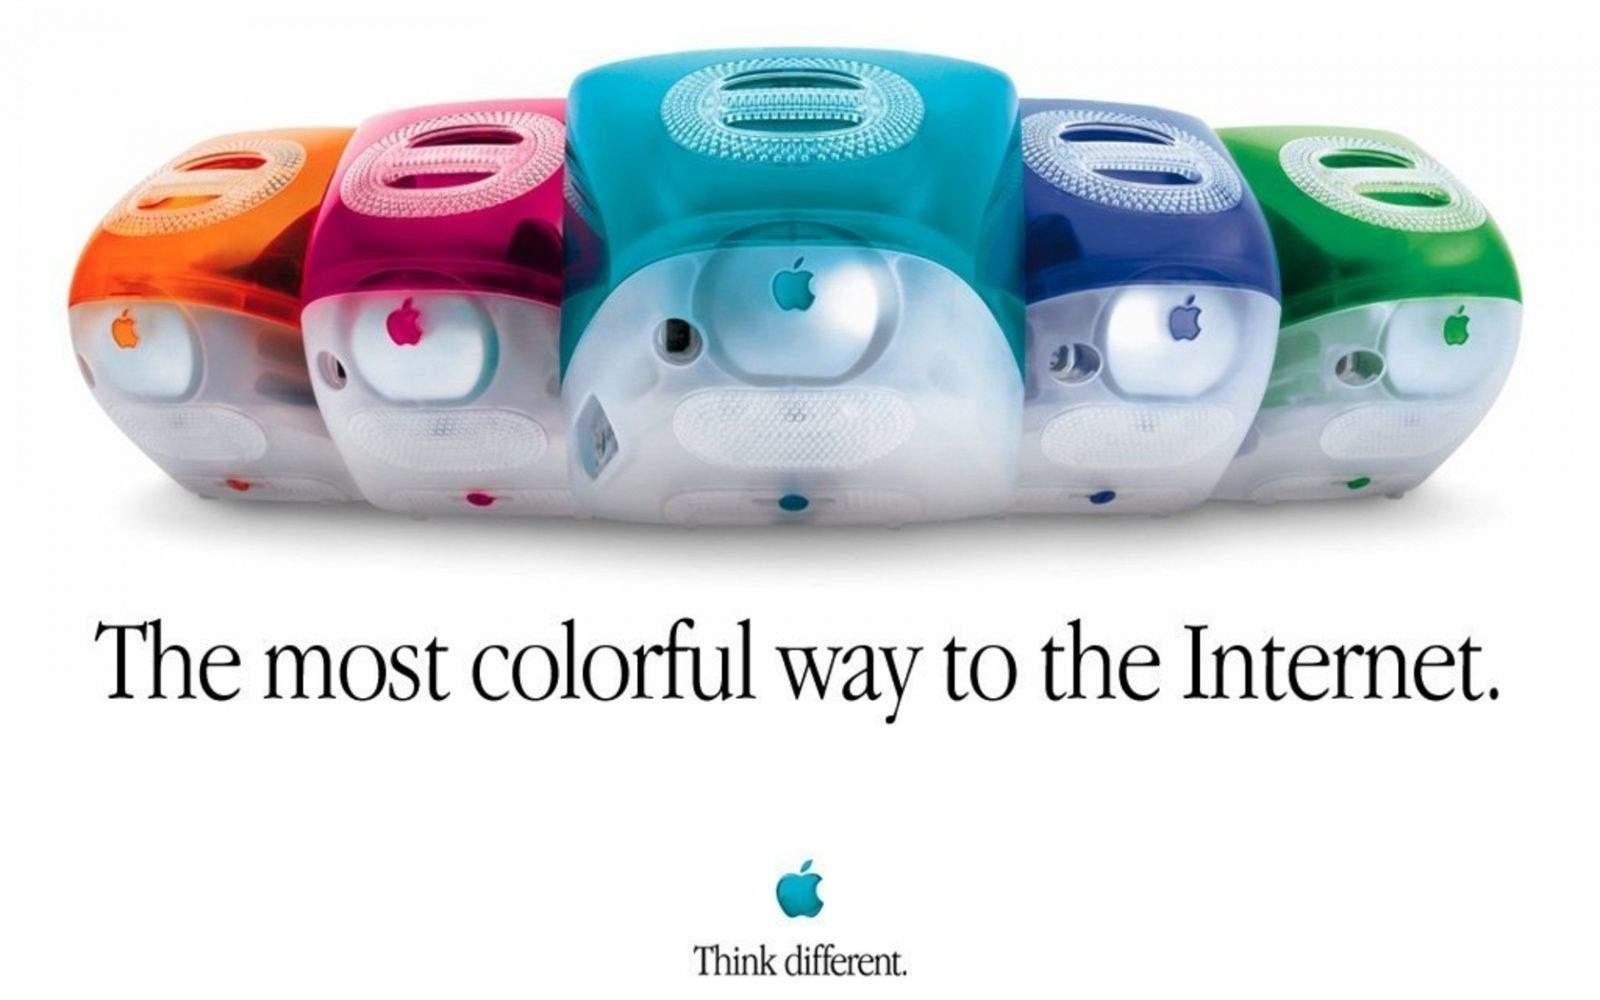 Apple, ritorno alle origini per i nuovi iMac: saranno disponibili in più colori?